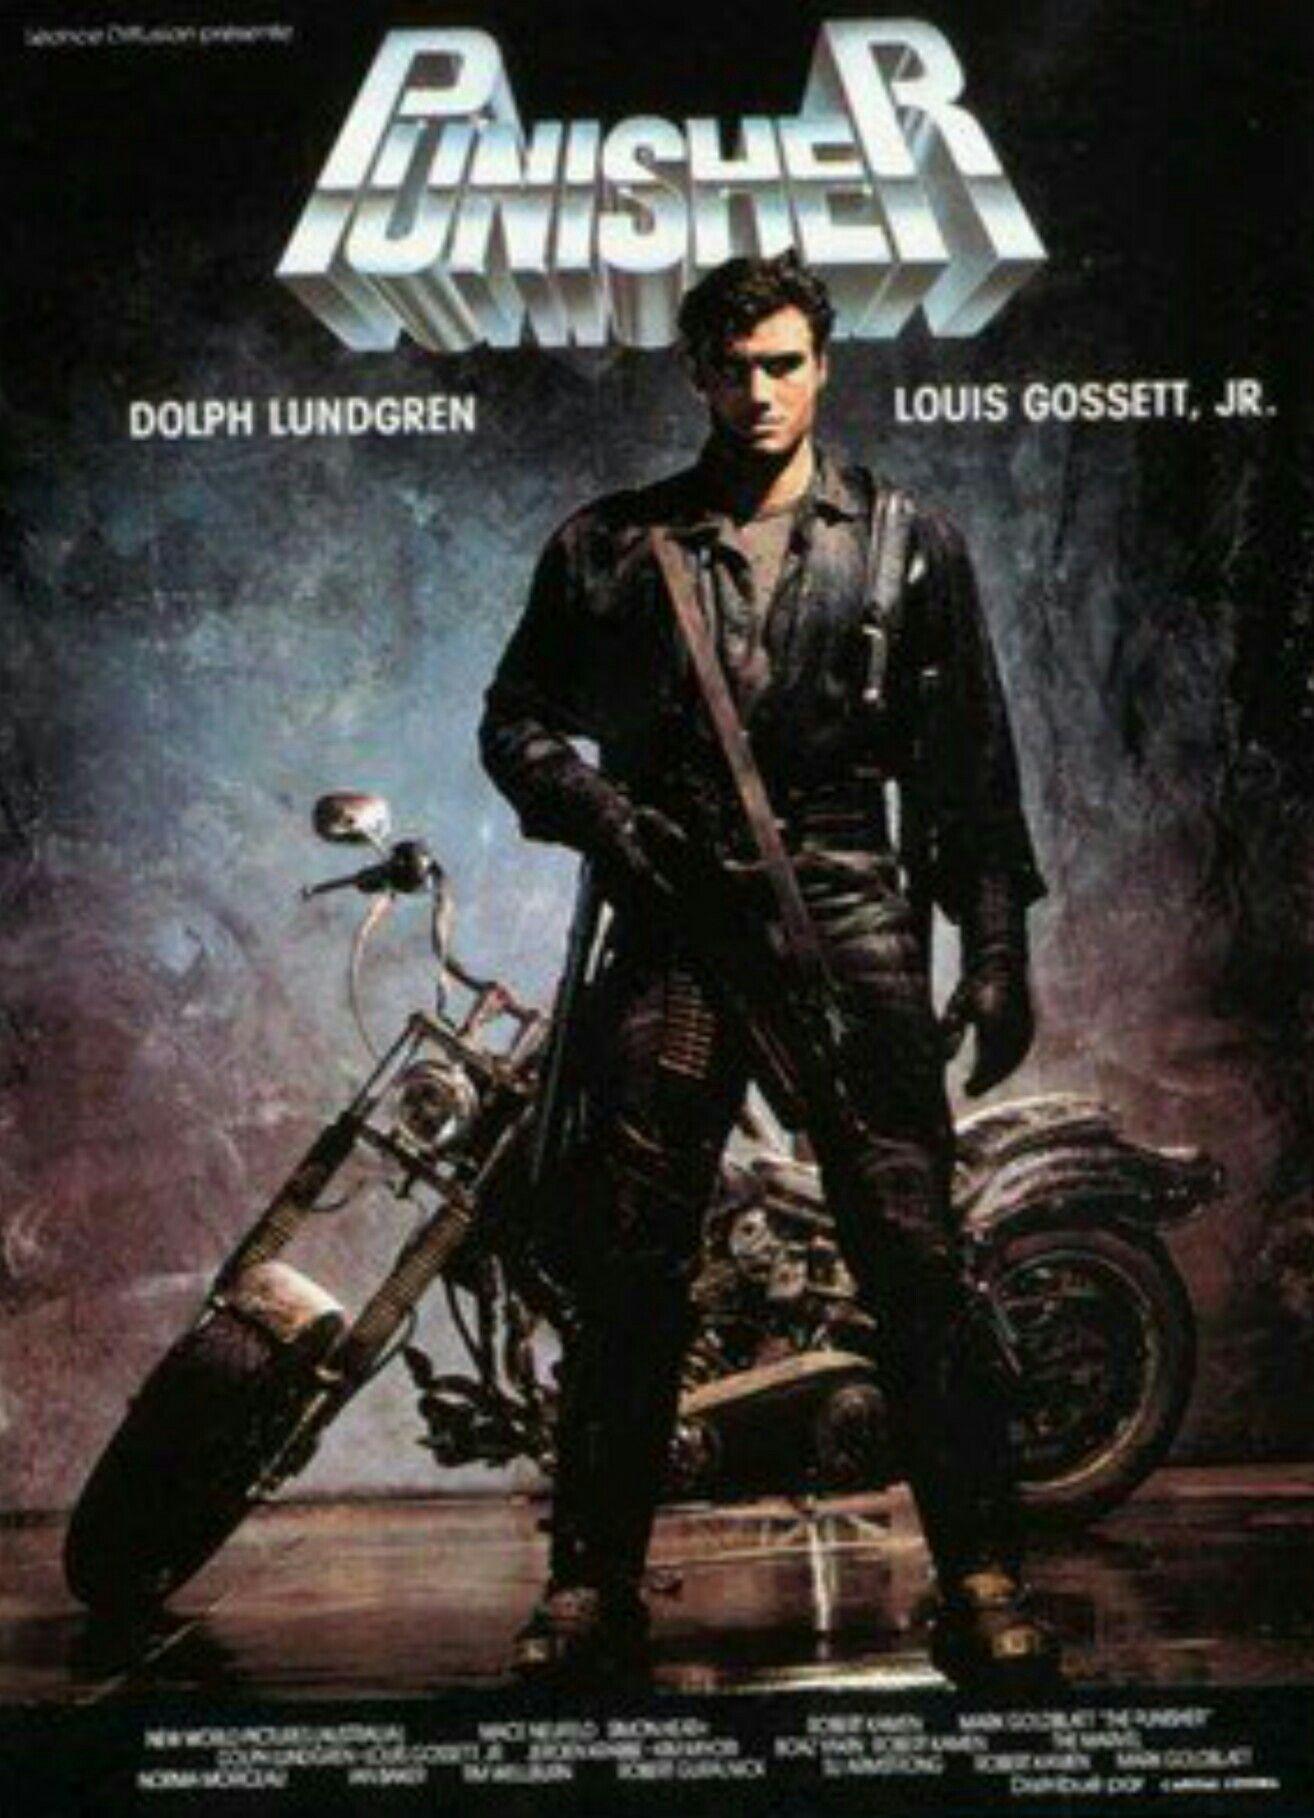 The punisher 1989 latino dating